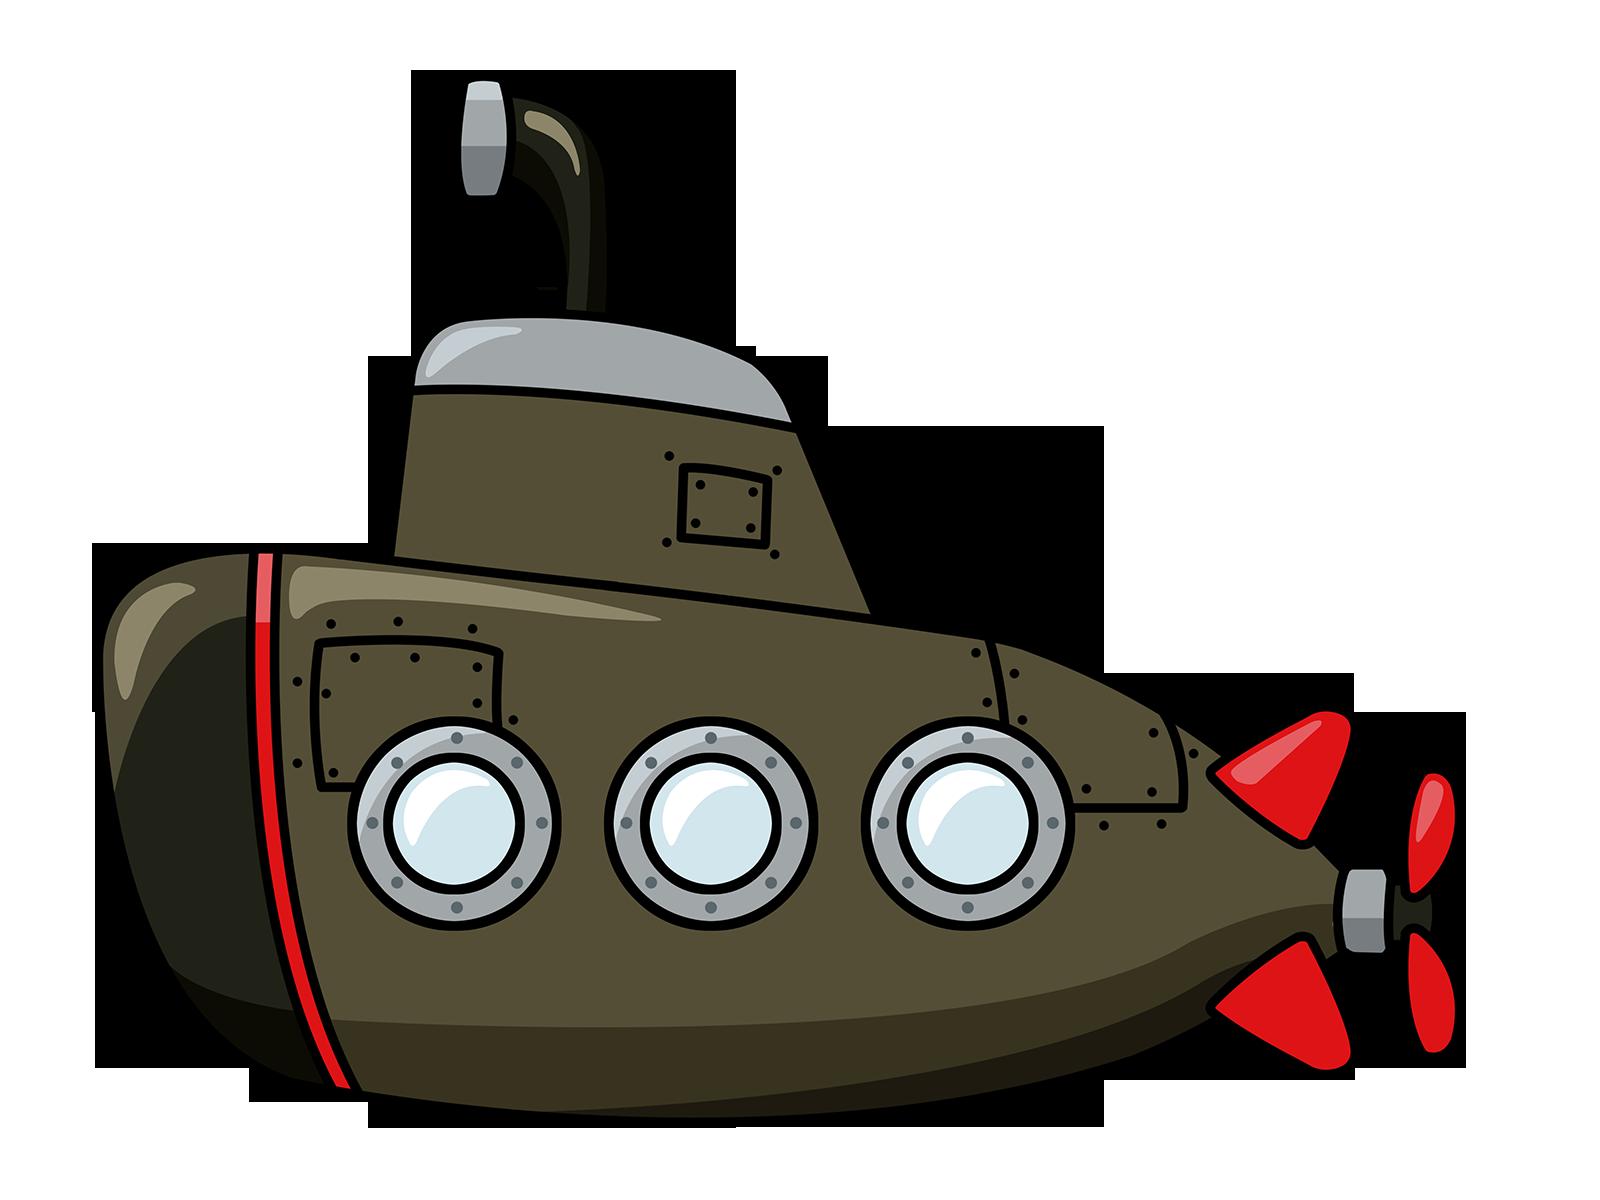 Submarine 20clipart.